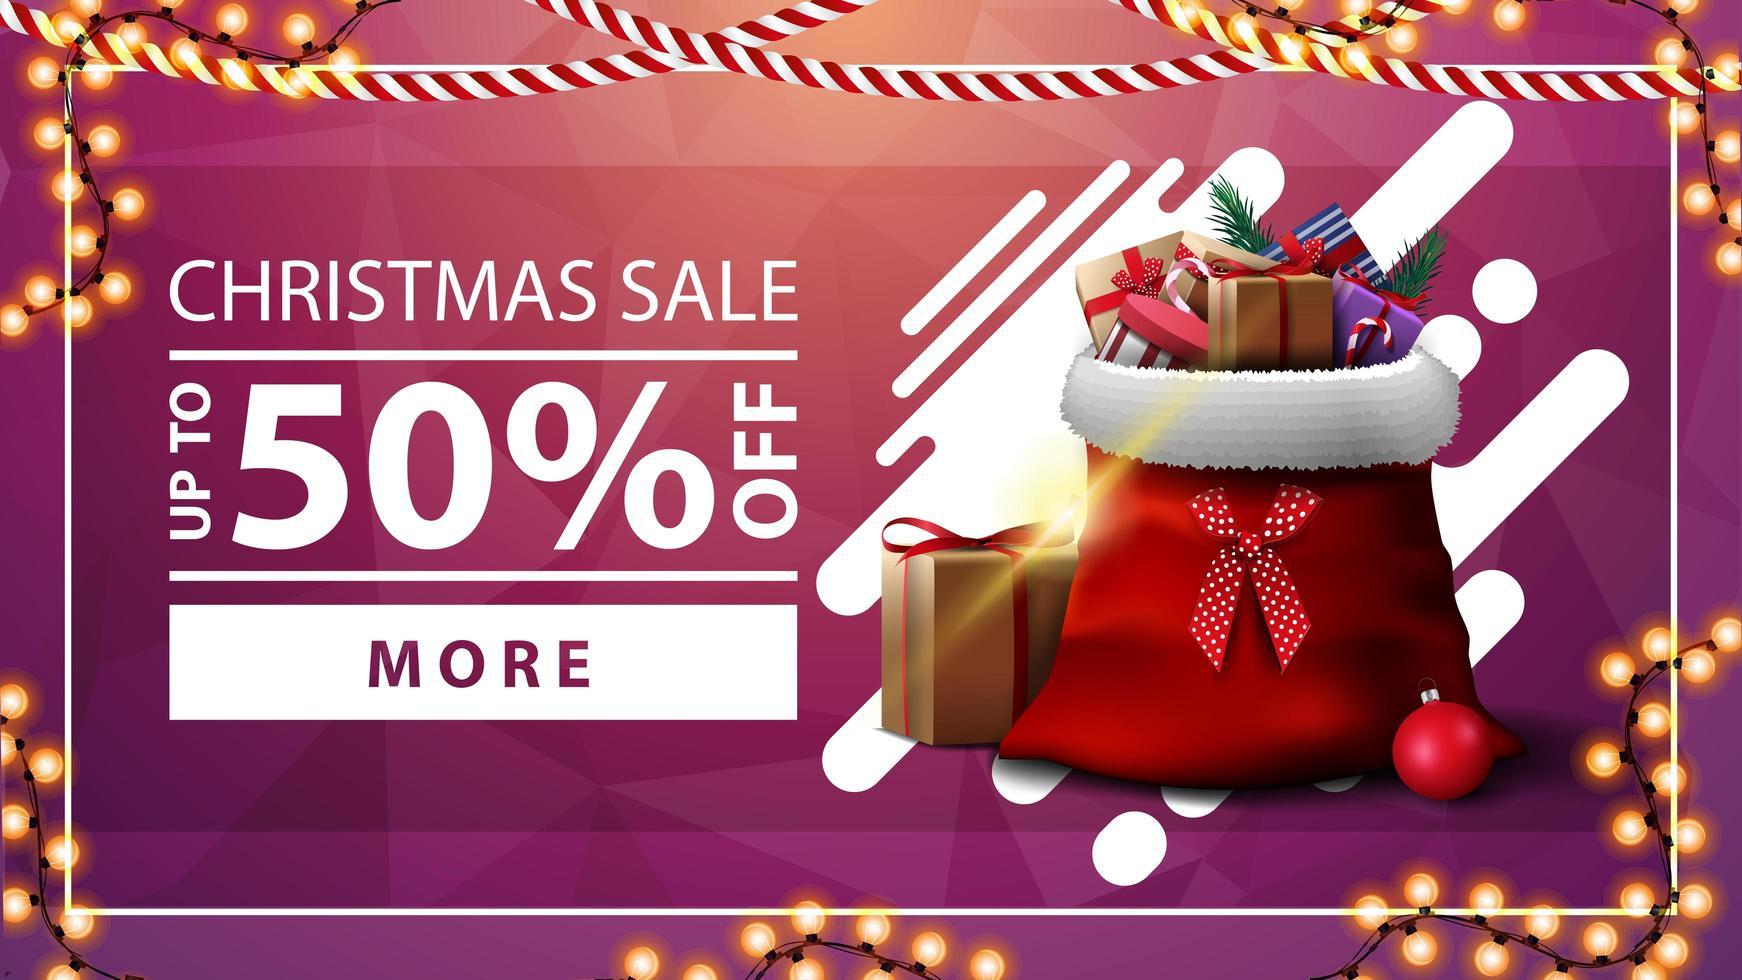 julförsäljning, upp till 50 rabatt, rosa rabattbanner med krans, knapp och jultomtepåse med presenter vektor